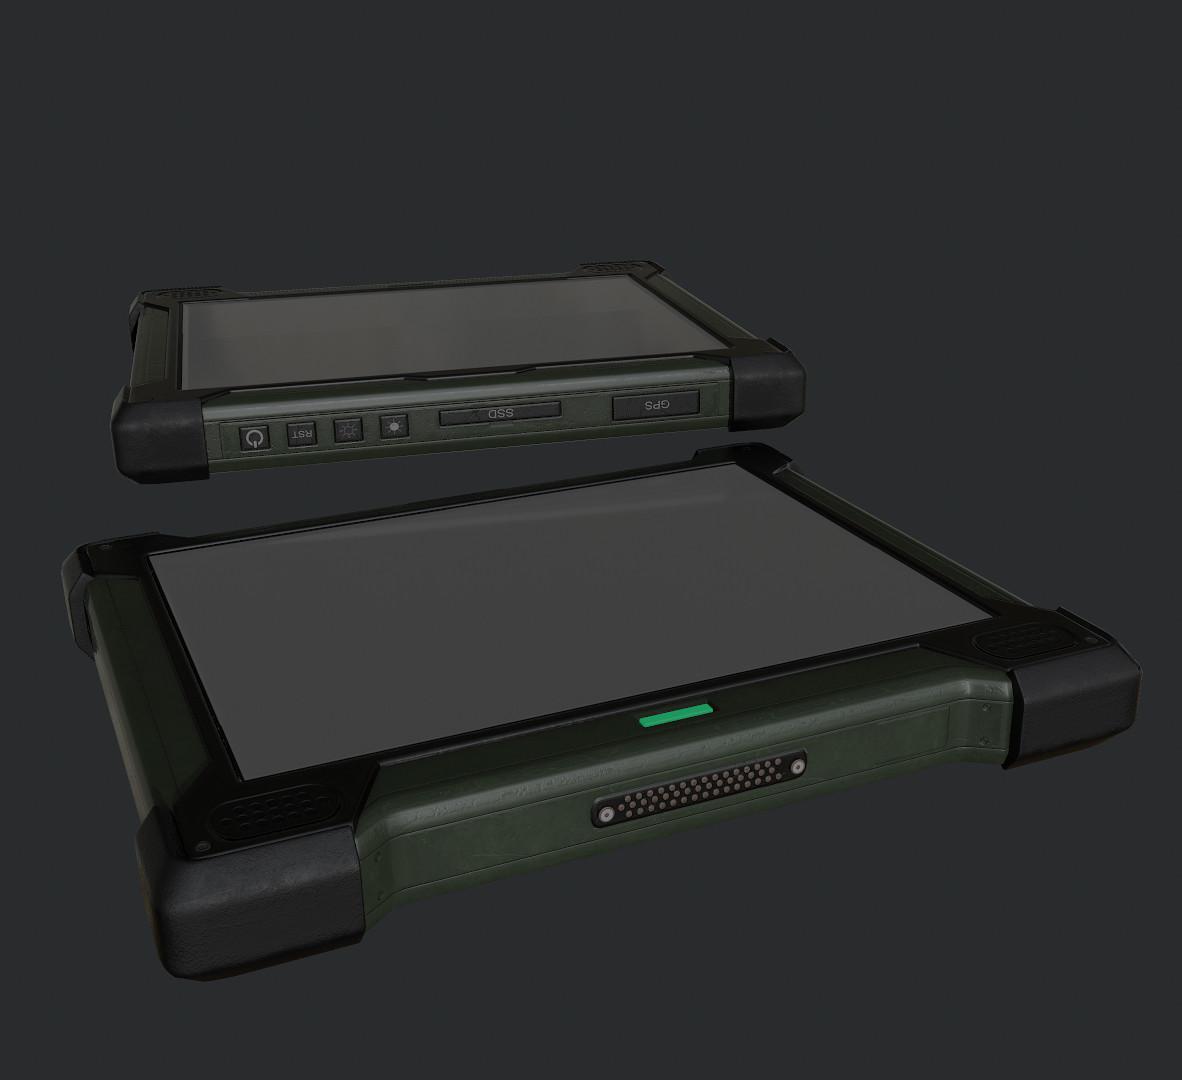 Daniel conroy tablet 2 no brand